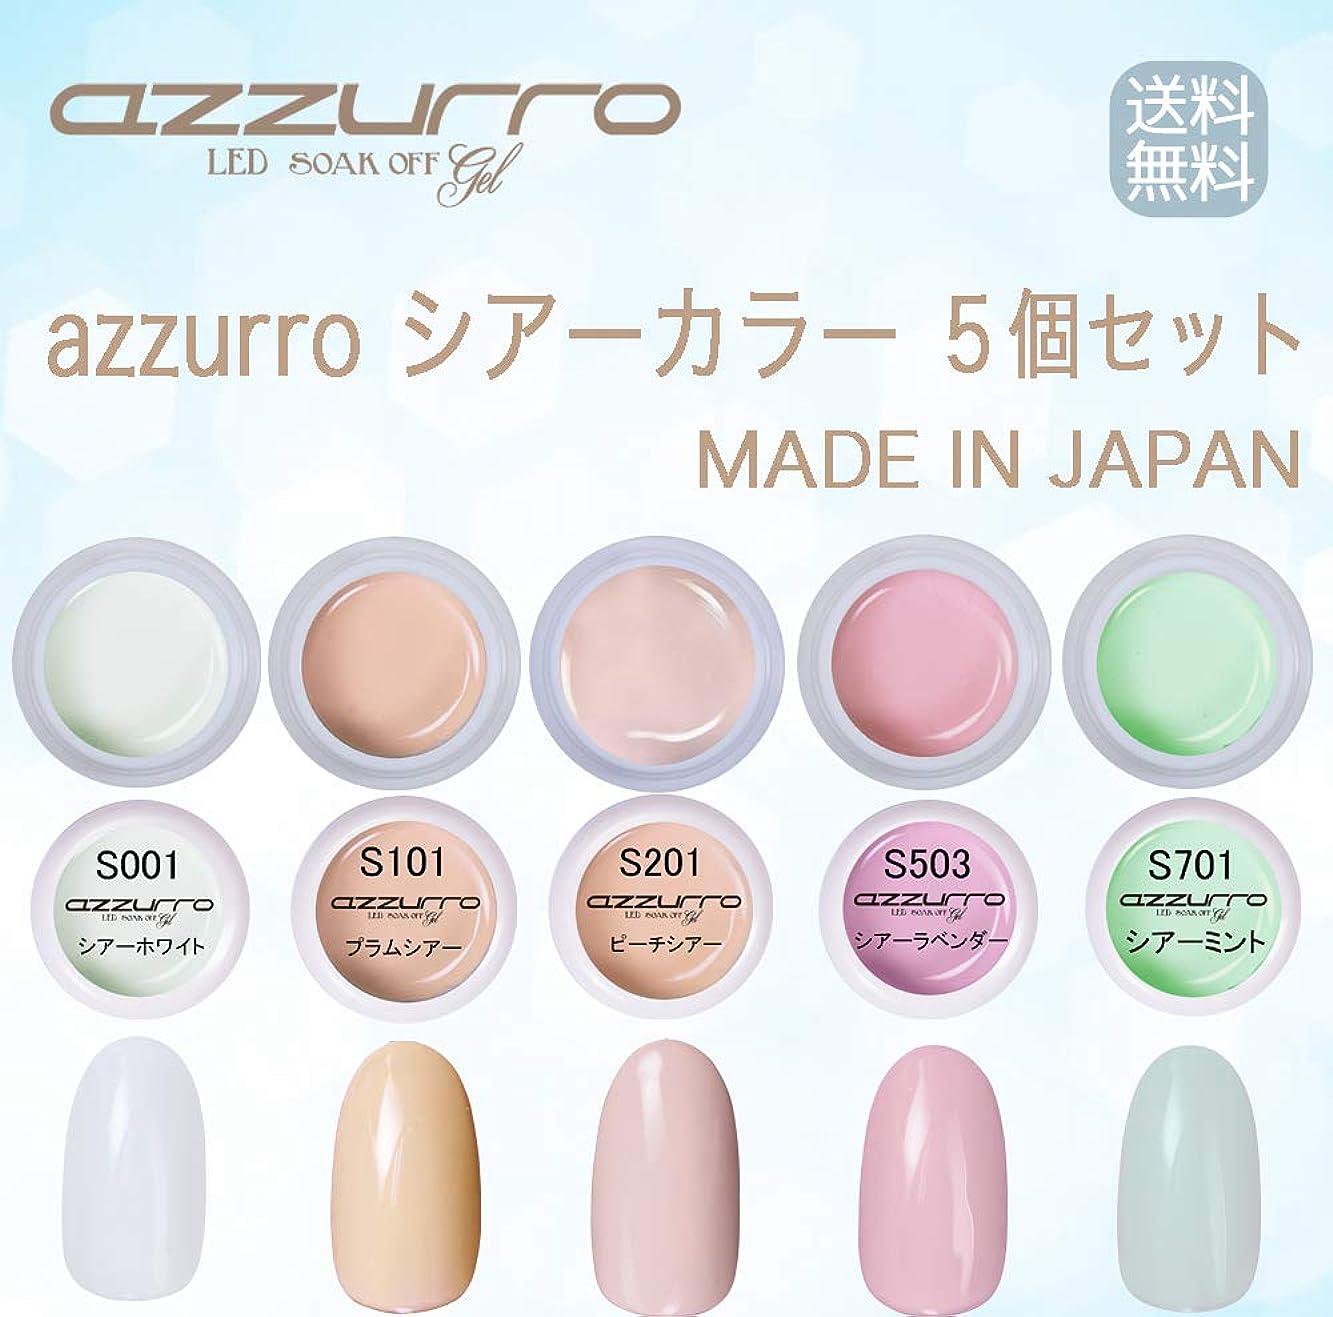 人物高速道路四回【送料無料】日本製 azzurro gel シアー カラージェル5個セット グラデーションにもピッタリなカラー